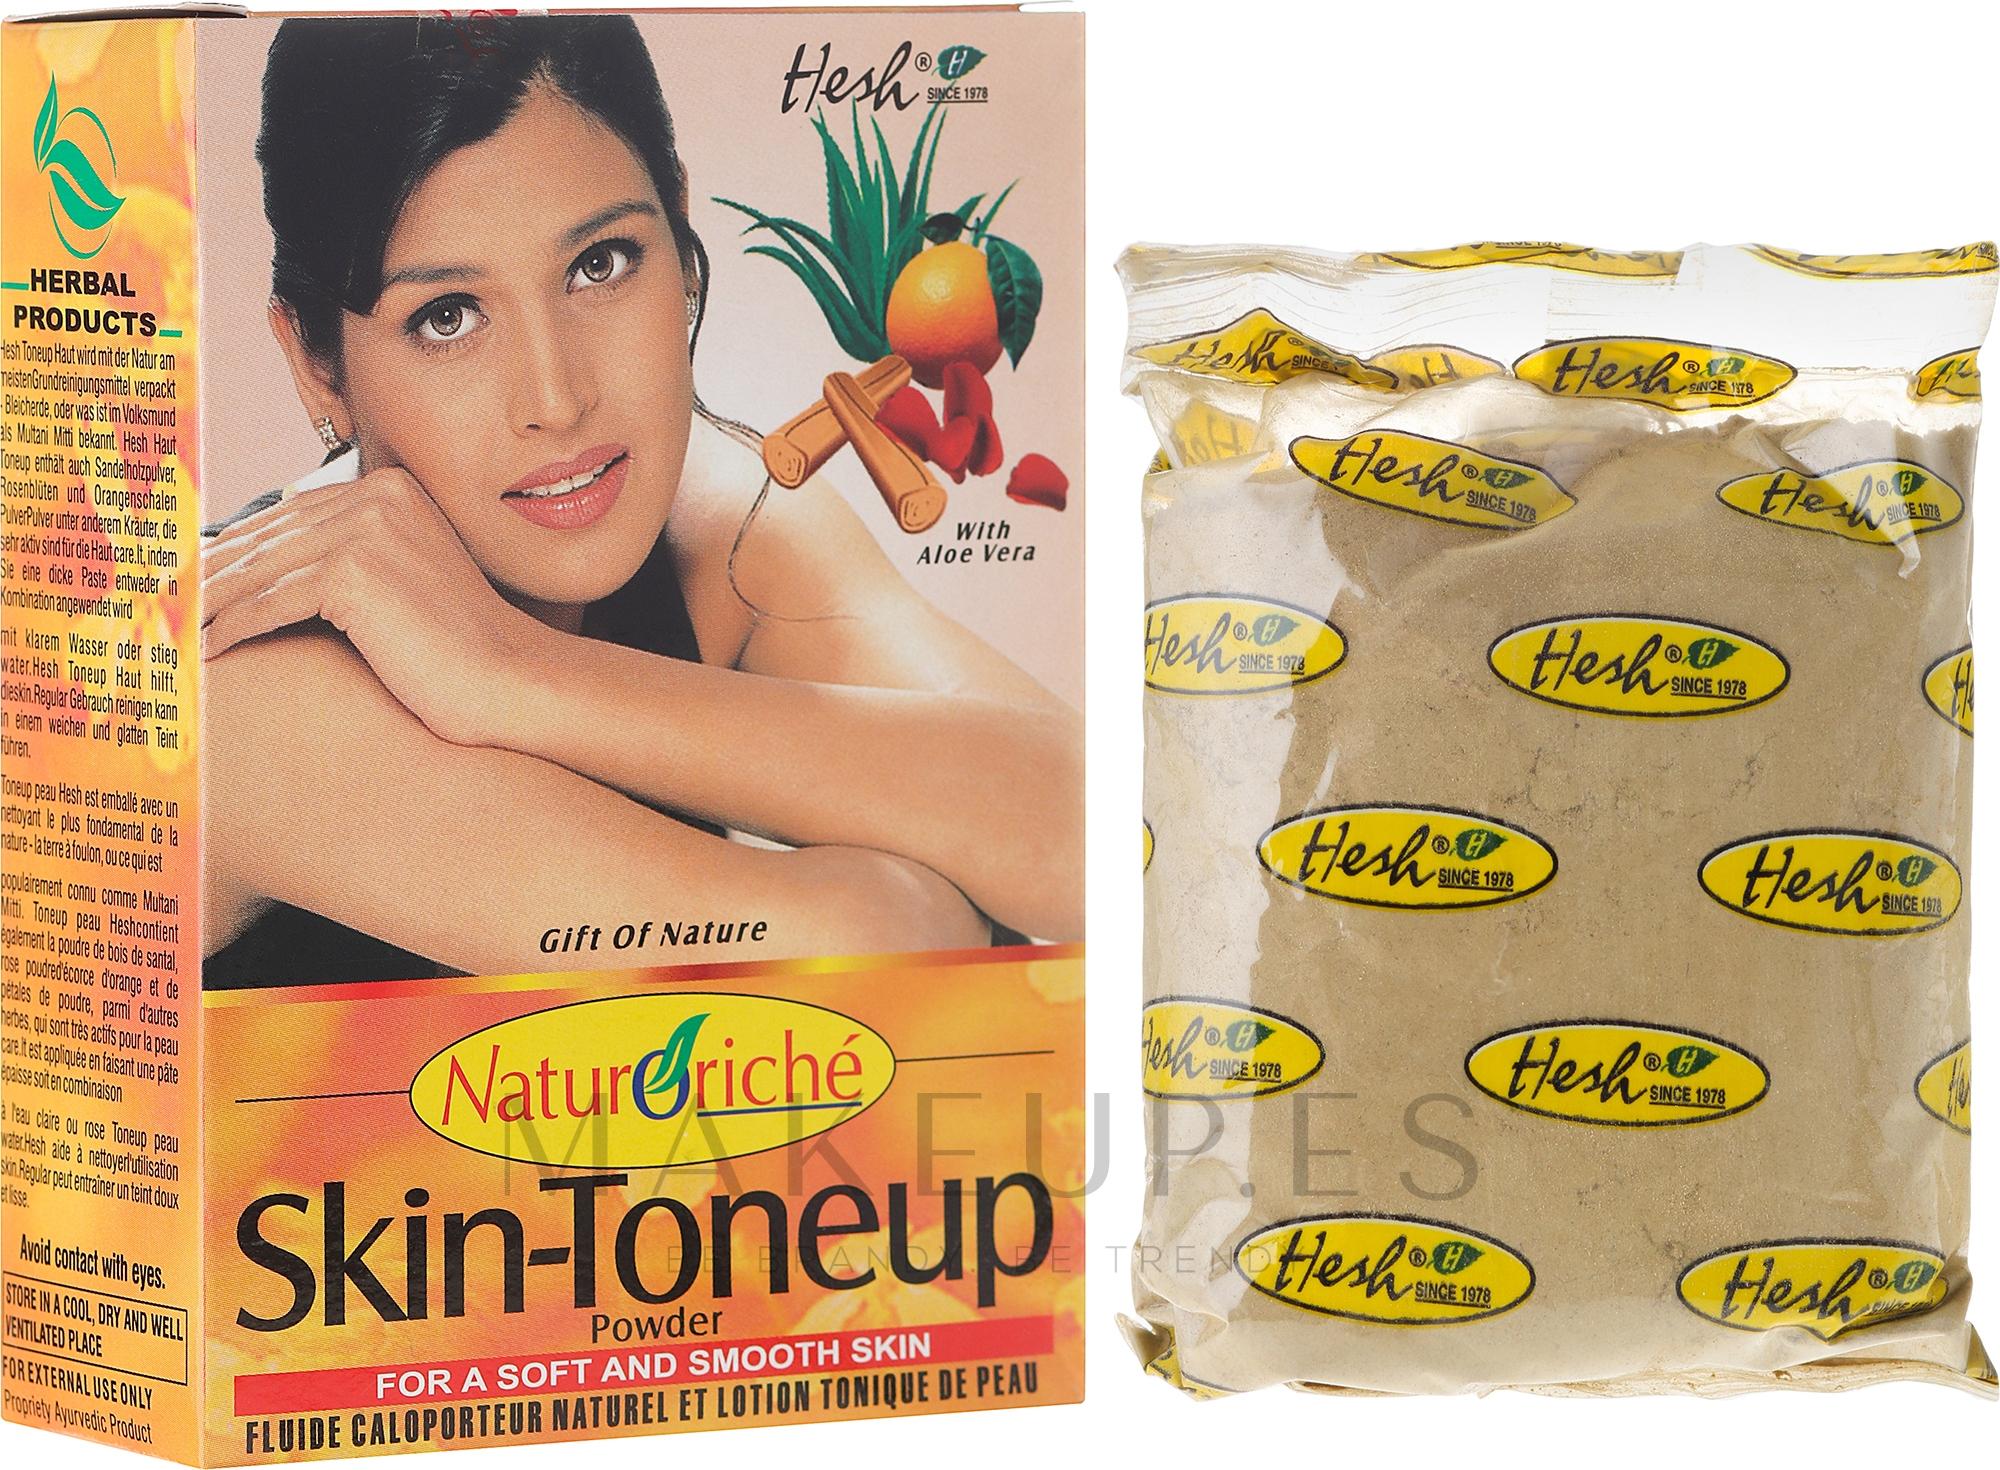 Mascarilla facial natural con aloe vera, polvo de sándalo, pétalos de rosa y cáscara de naranja - Hesh Skin-ToneUp Powder — imagen 100 g